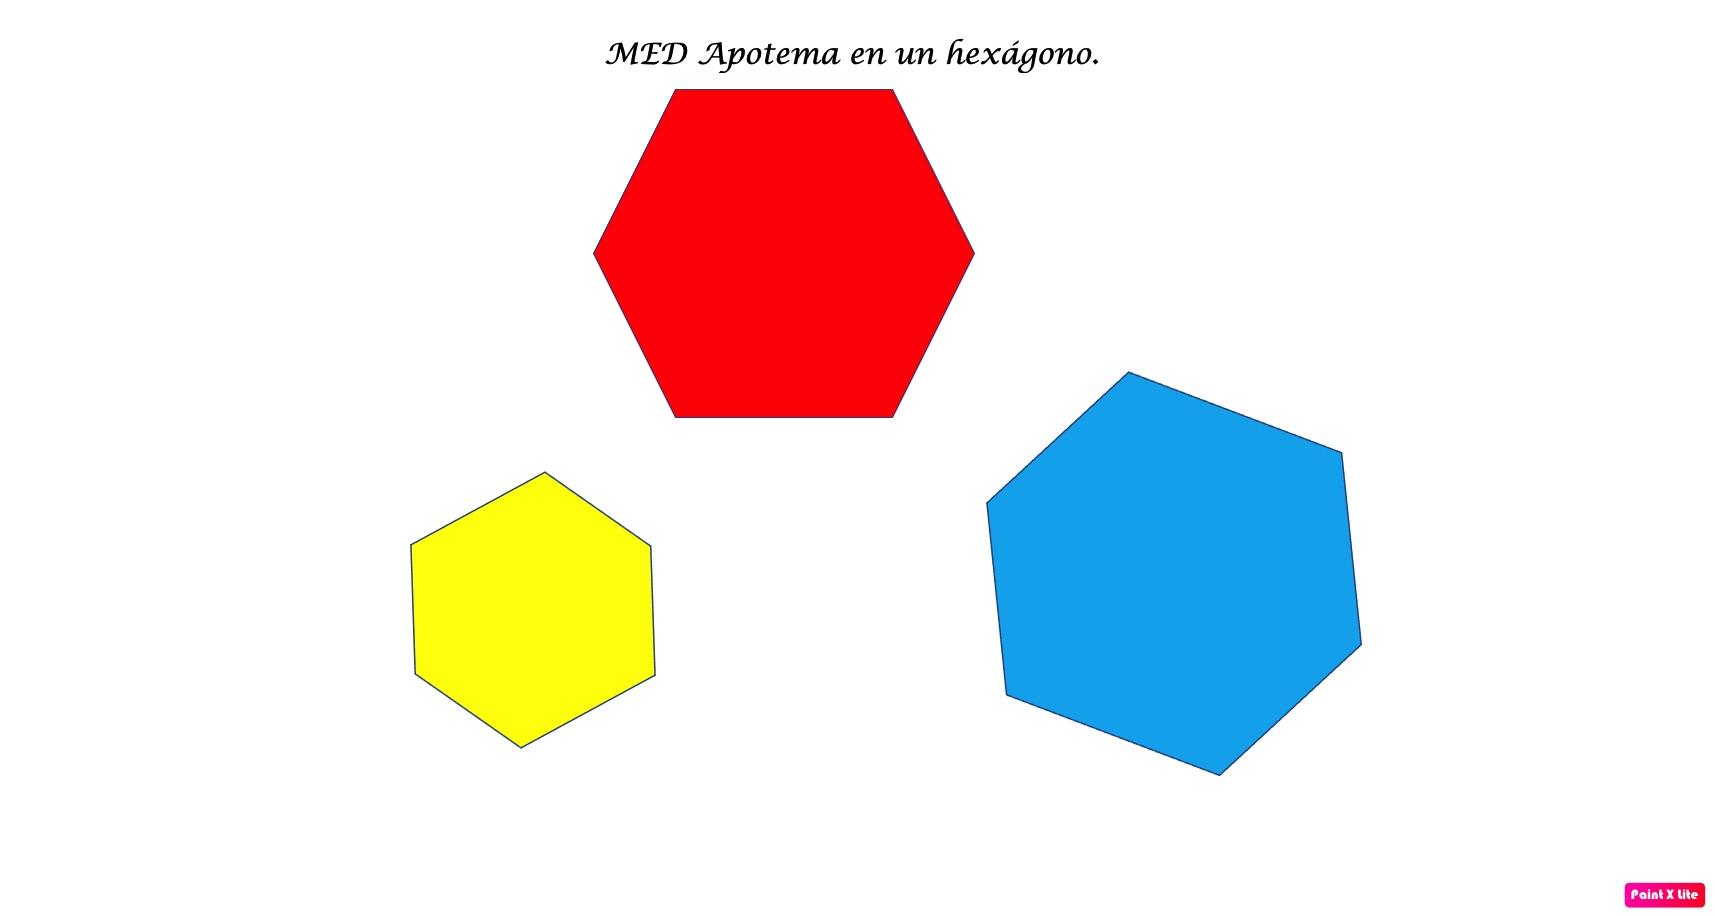 Apotema+en+un+hexa%CC%81gono.jpg